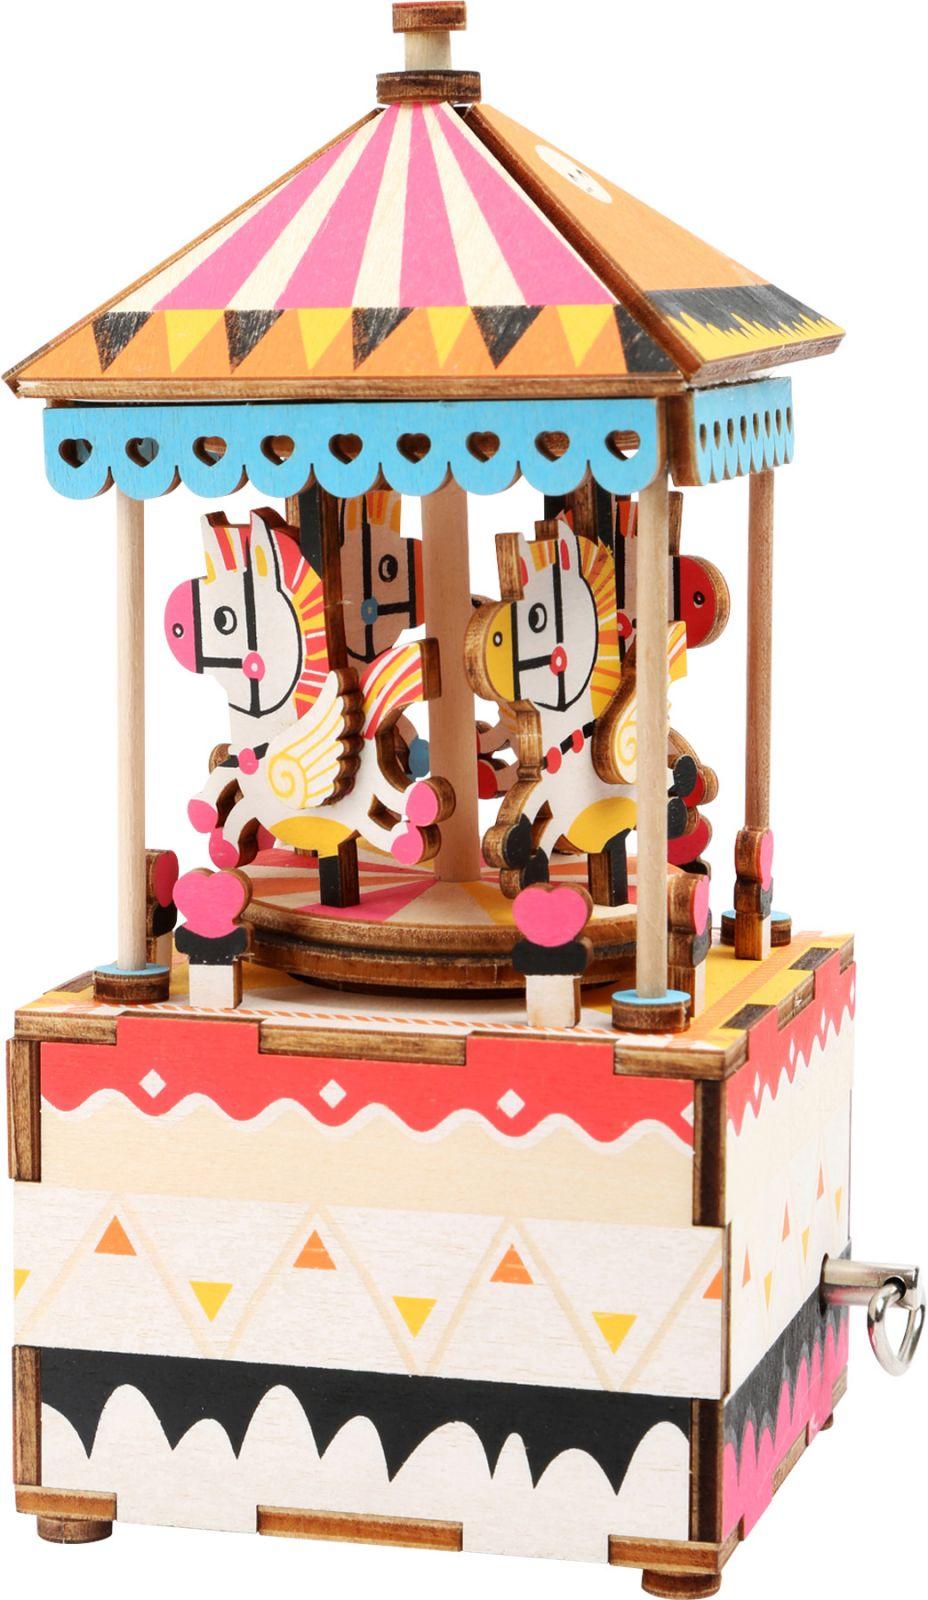 Dřevěné hračky Small Foot Dřevěná stavebnice muzikální dekorace koníčkový kolotoč Small foot by Legler